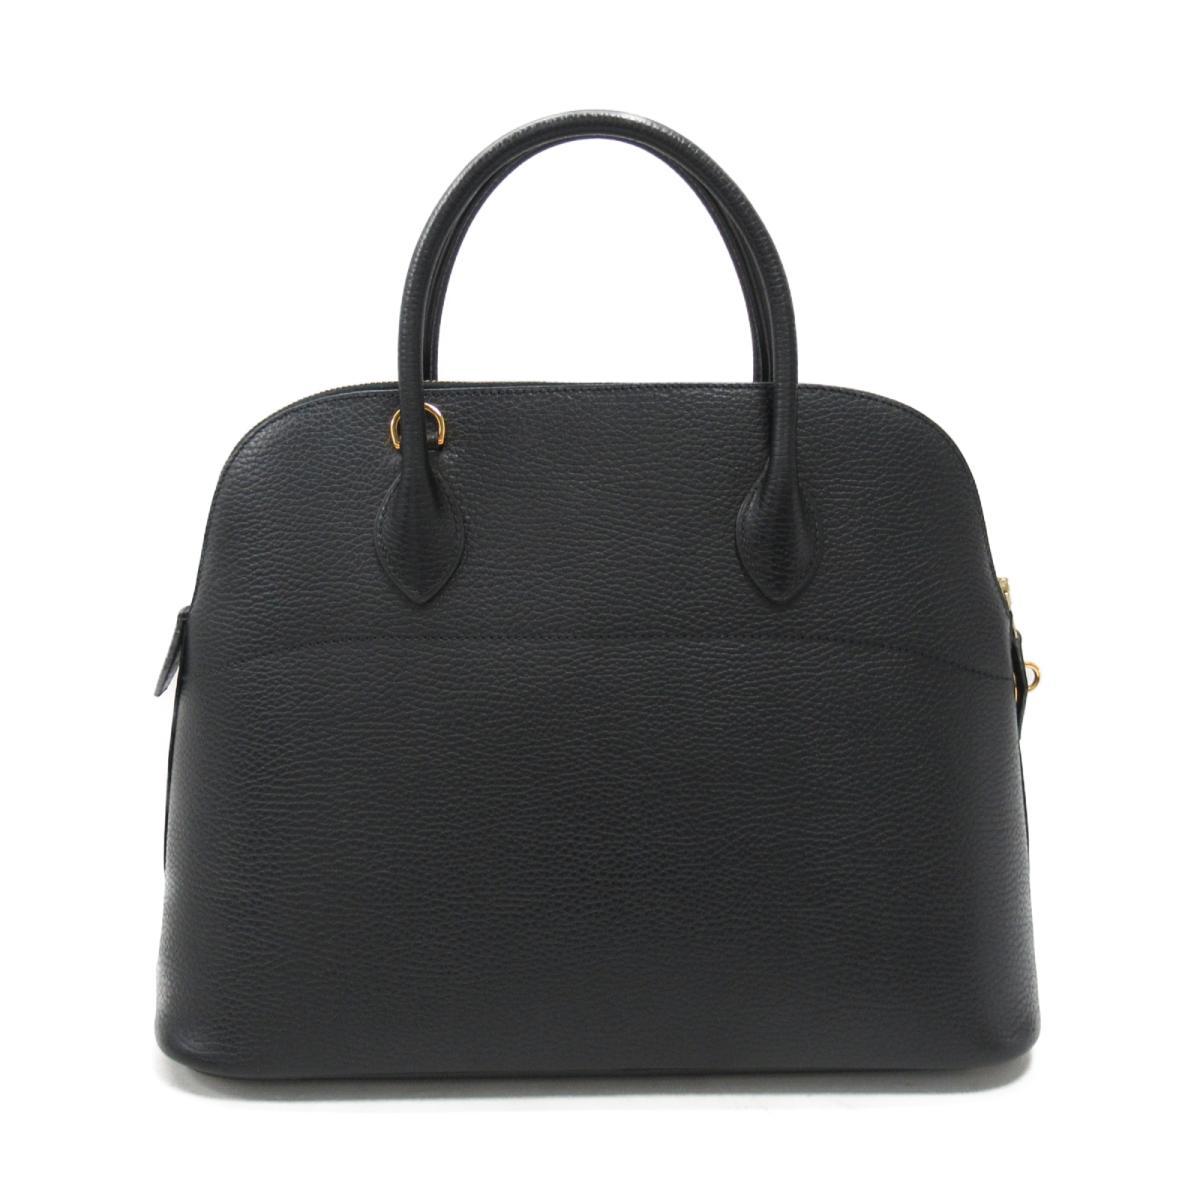 HERMES バッグ  【おすすめ!】ボリード37 2wayバッグ/お買得/特価/フォーマル